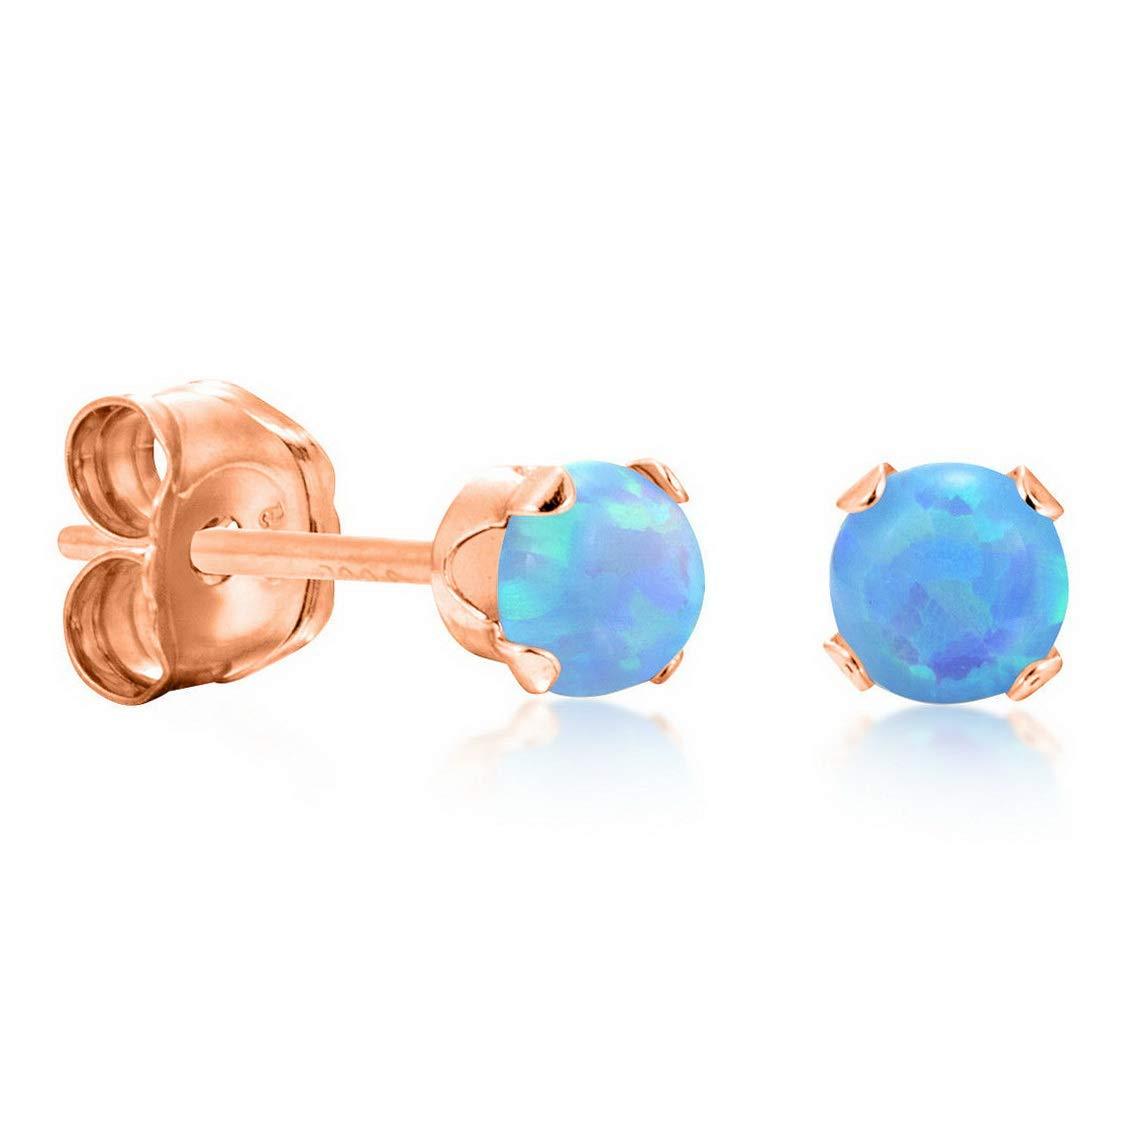 Mismatched white topaz earrings Crystal chandelier asymmetrical earrings Statement wedding cluster earrings